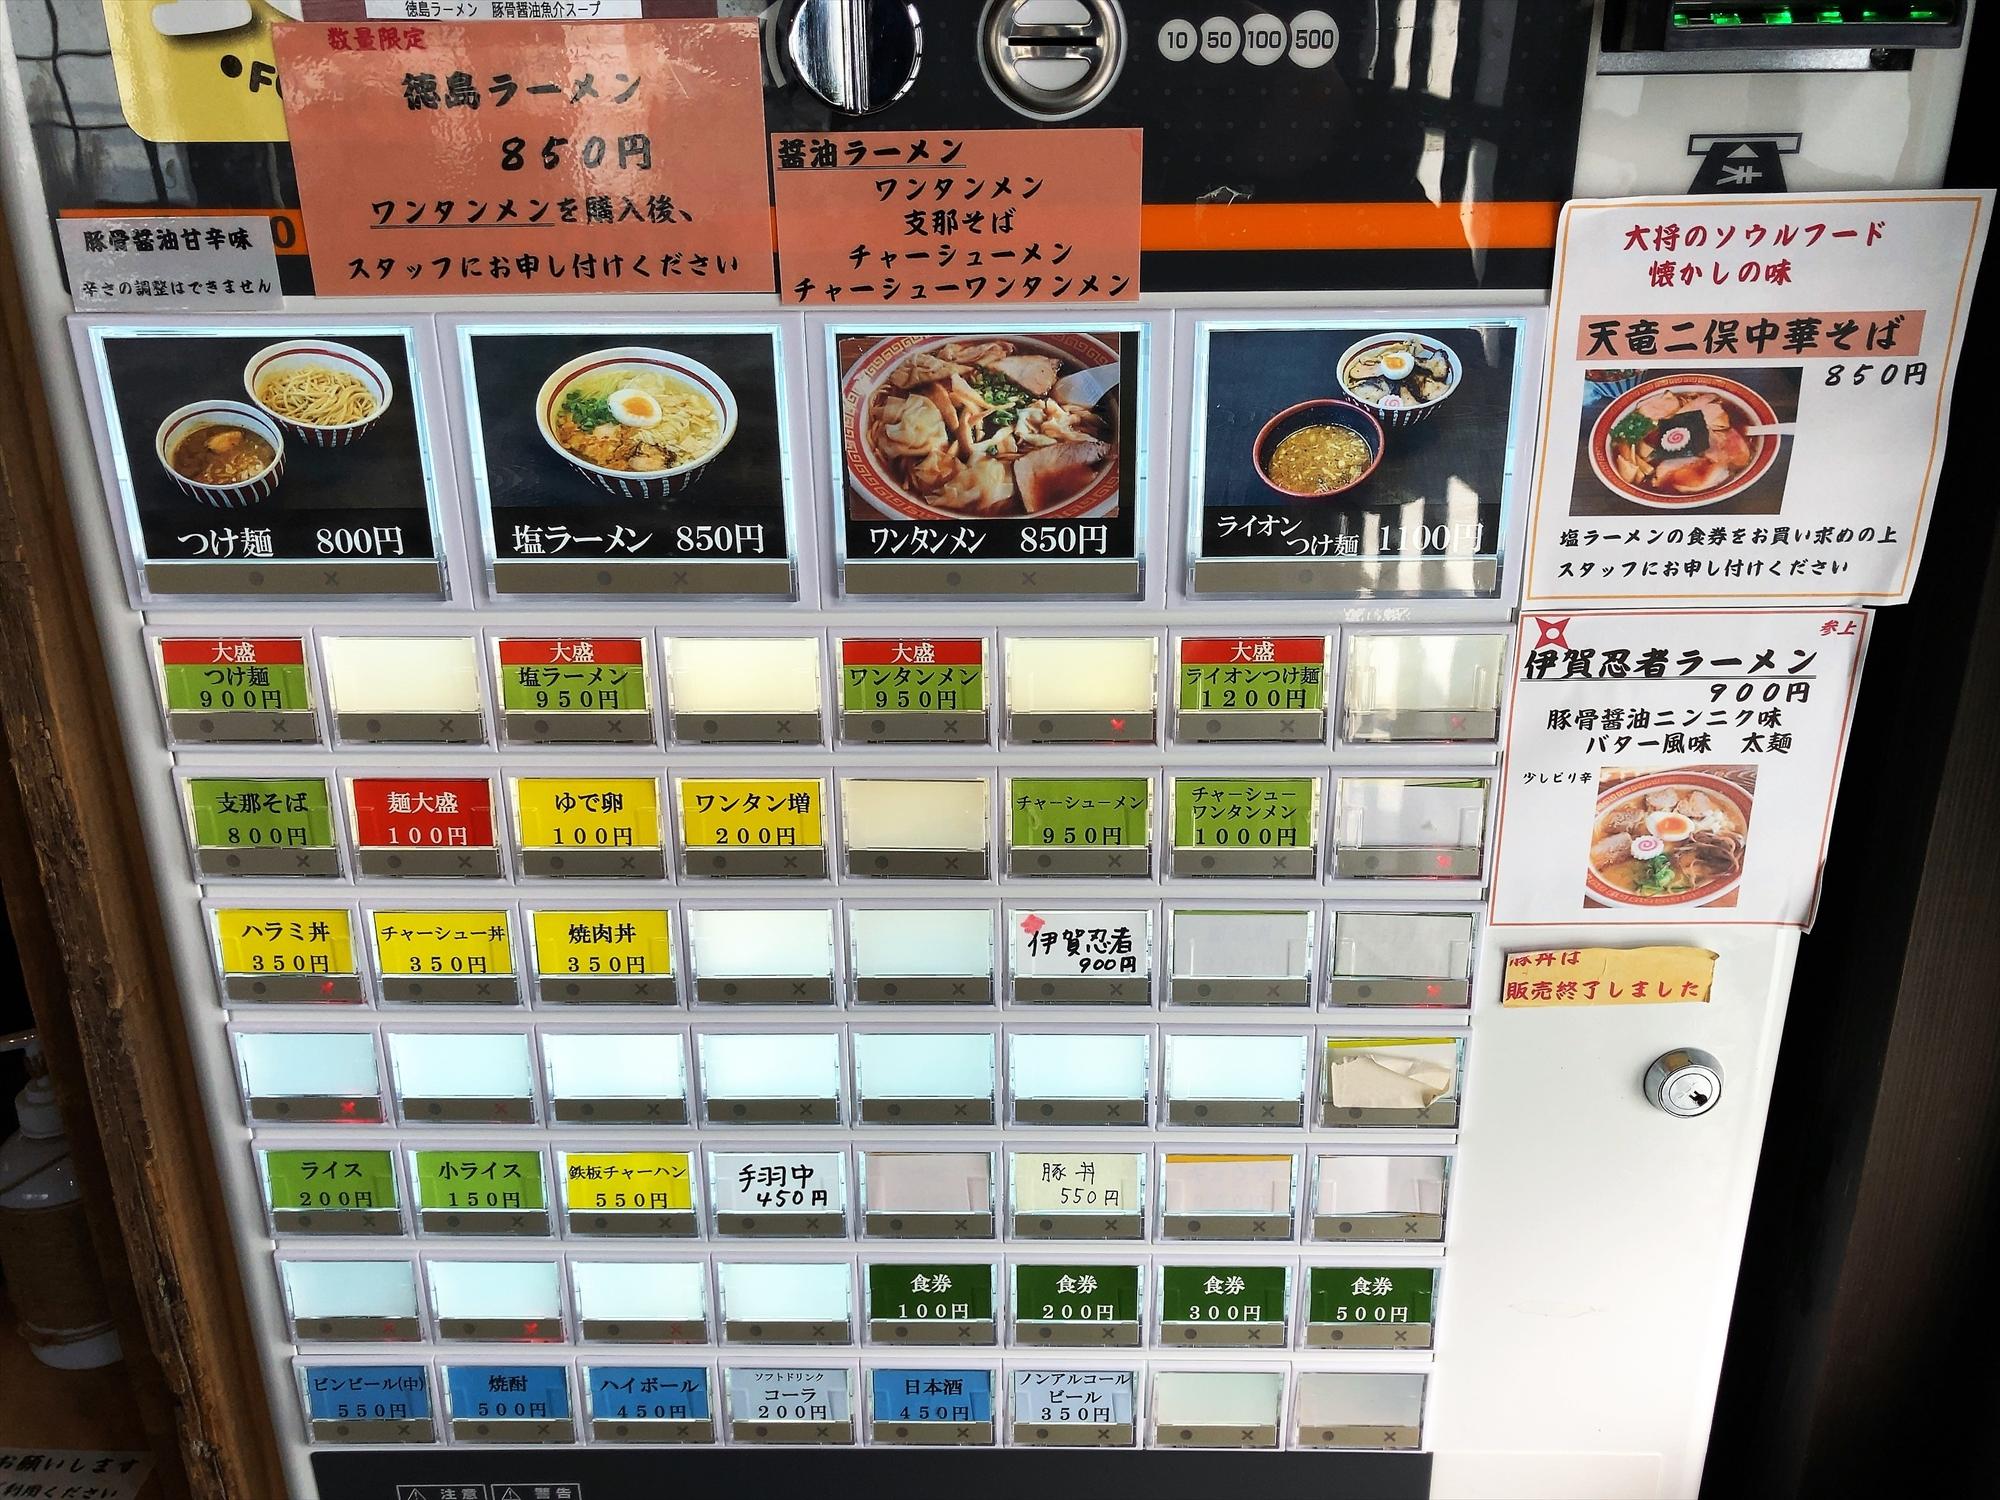 時代麺房 ライオンの券売機